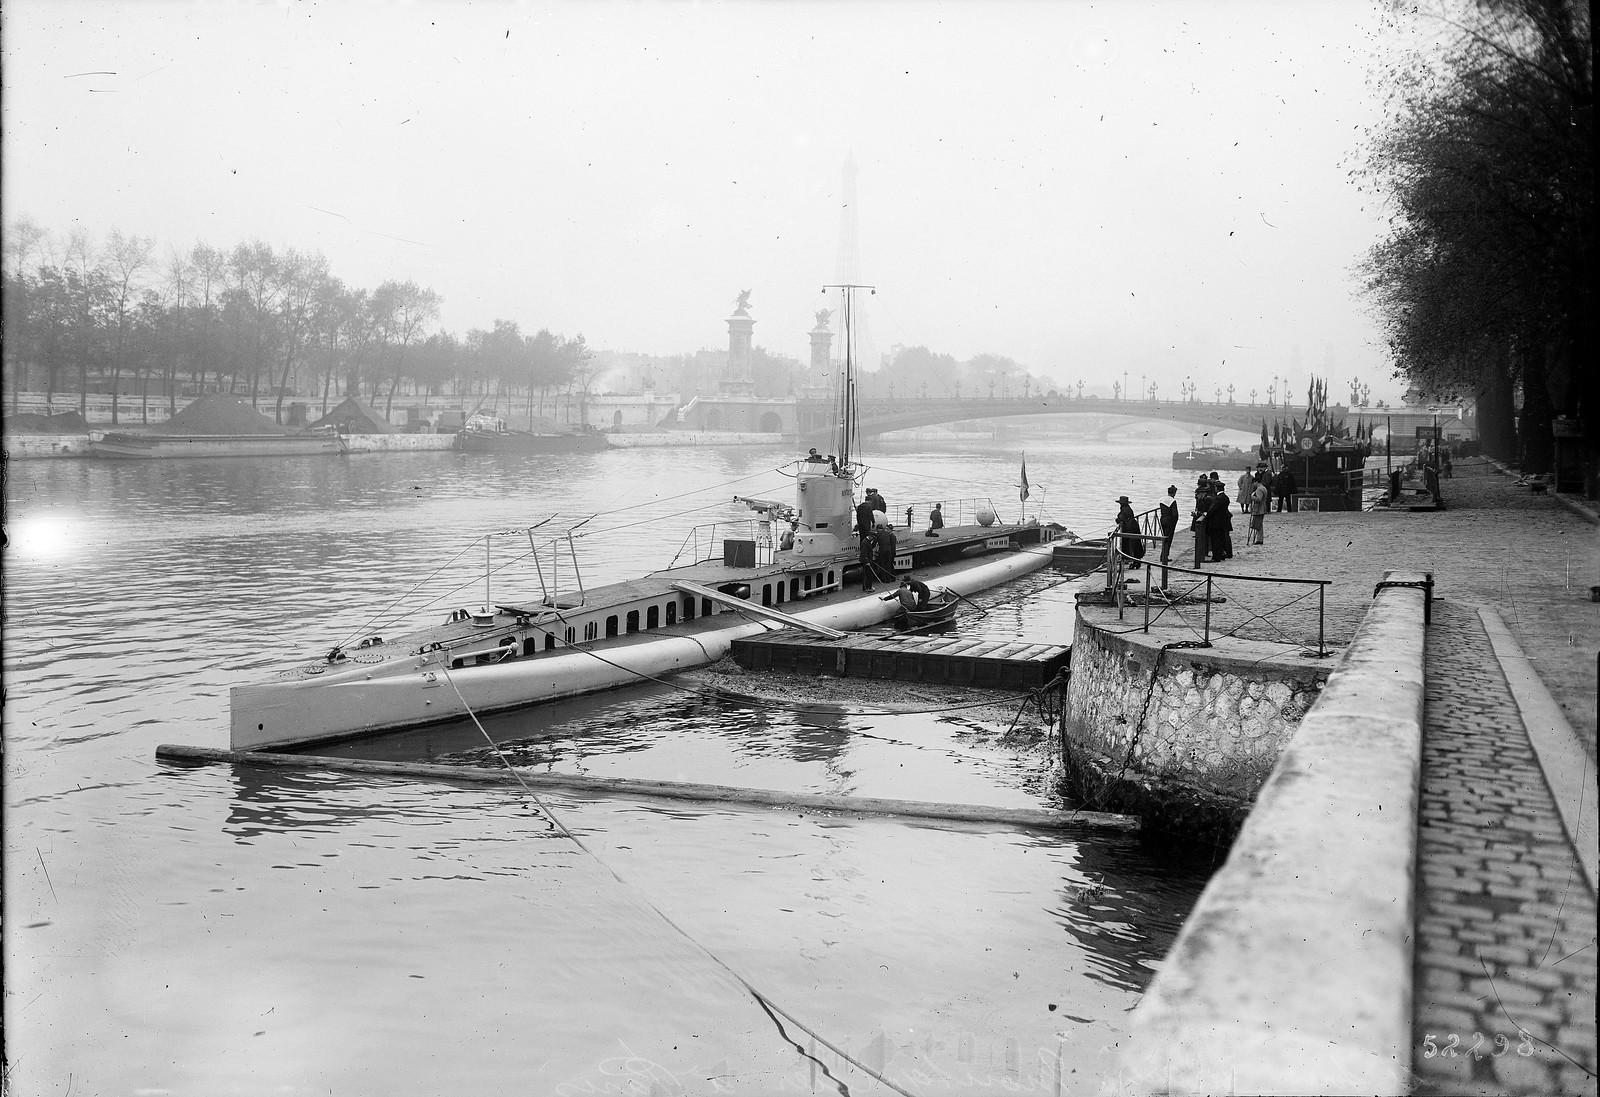 1918. Подводная лодка «Монгольфье» в Париже (порт Елисейских полей, с видом на мост Александра III и Эйфелеву башню), для кампании по подписке на «Заем свободы», 17 октября